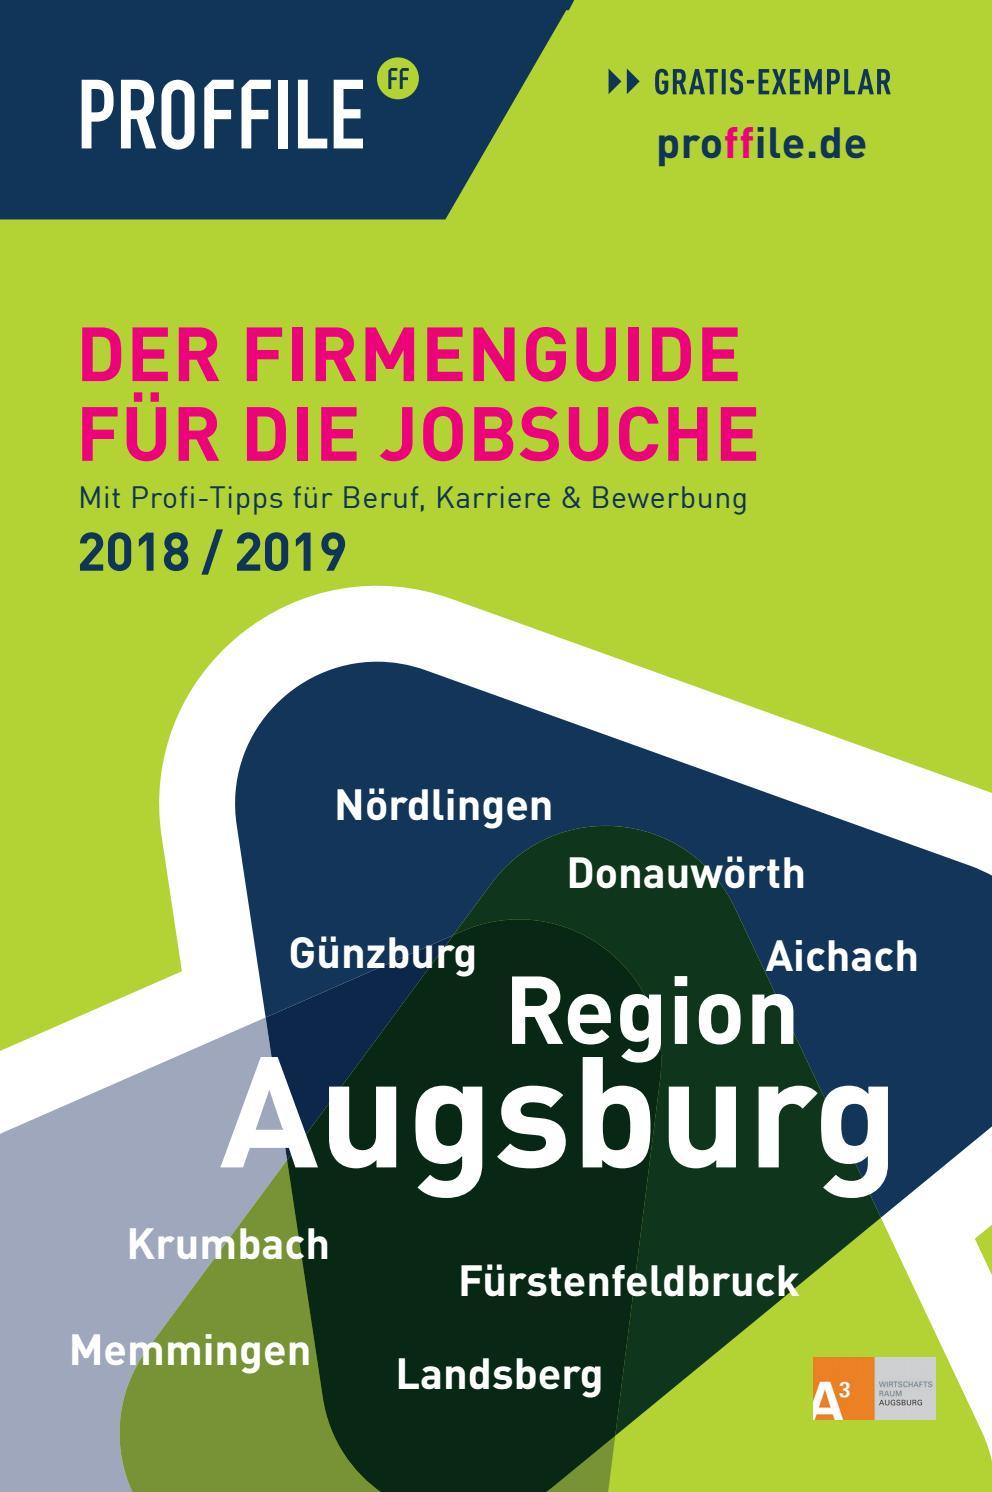 PROFFILE Augsburg 2018/2019 | Der Firmenguide für die Jobsuche by SMK  Medien GmbH & Co. KG | PROFFILE - issuu